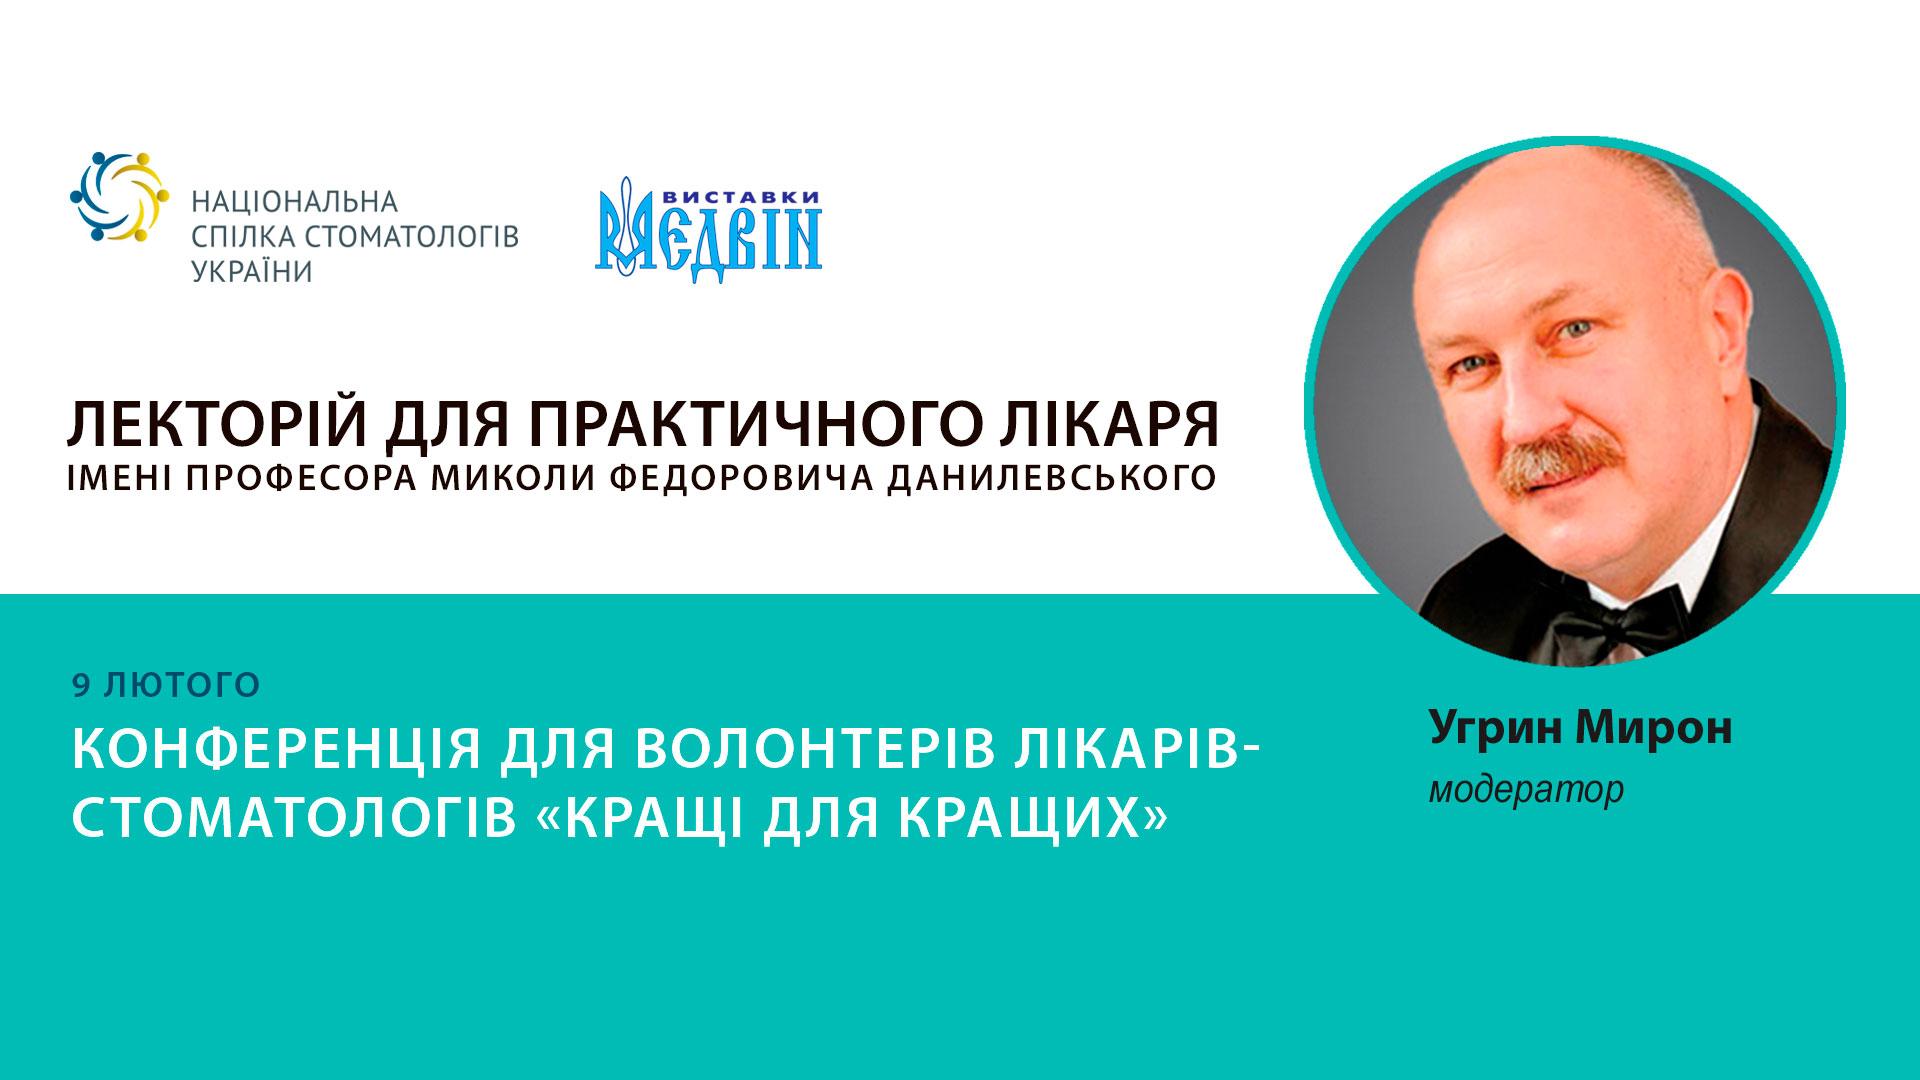 Конференція для волонтерів лікарів-стомАТОлогів «Кращі для кращих» - 9 лютого